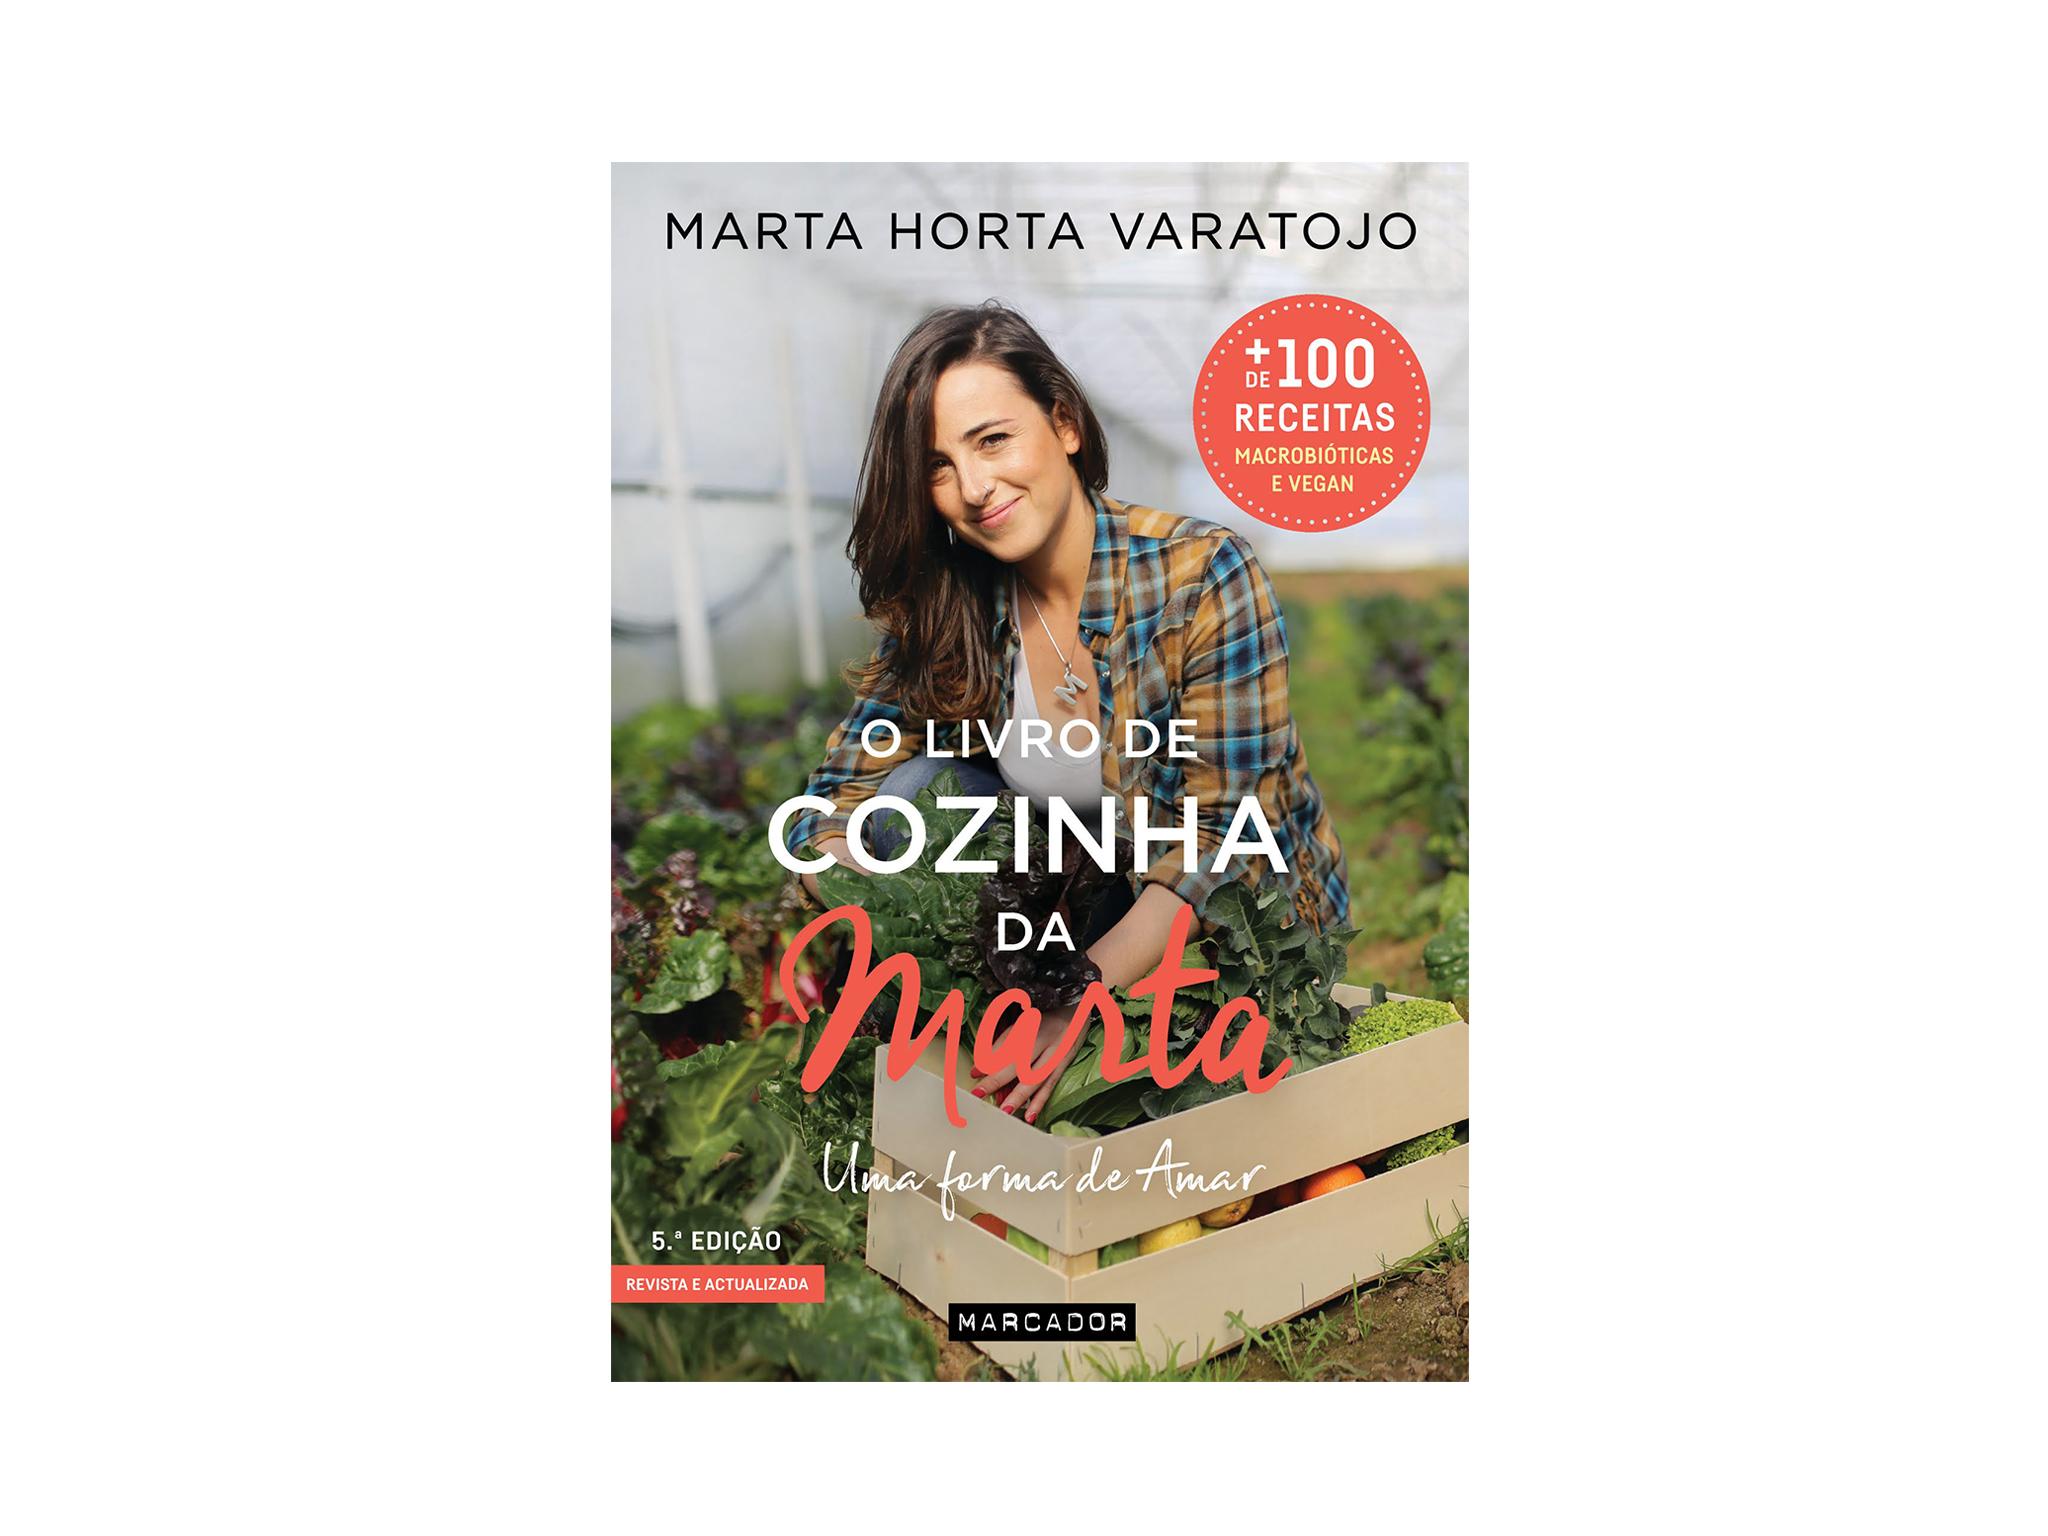 Livro, Cozinha, O Livro de Cozinha da Marta, Marta Horta Varatojo